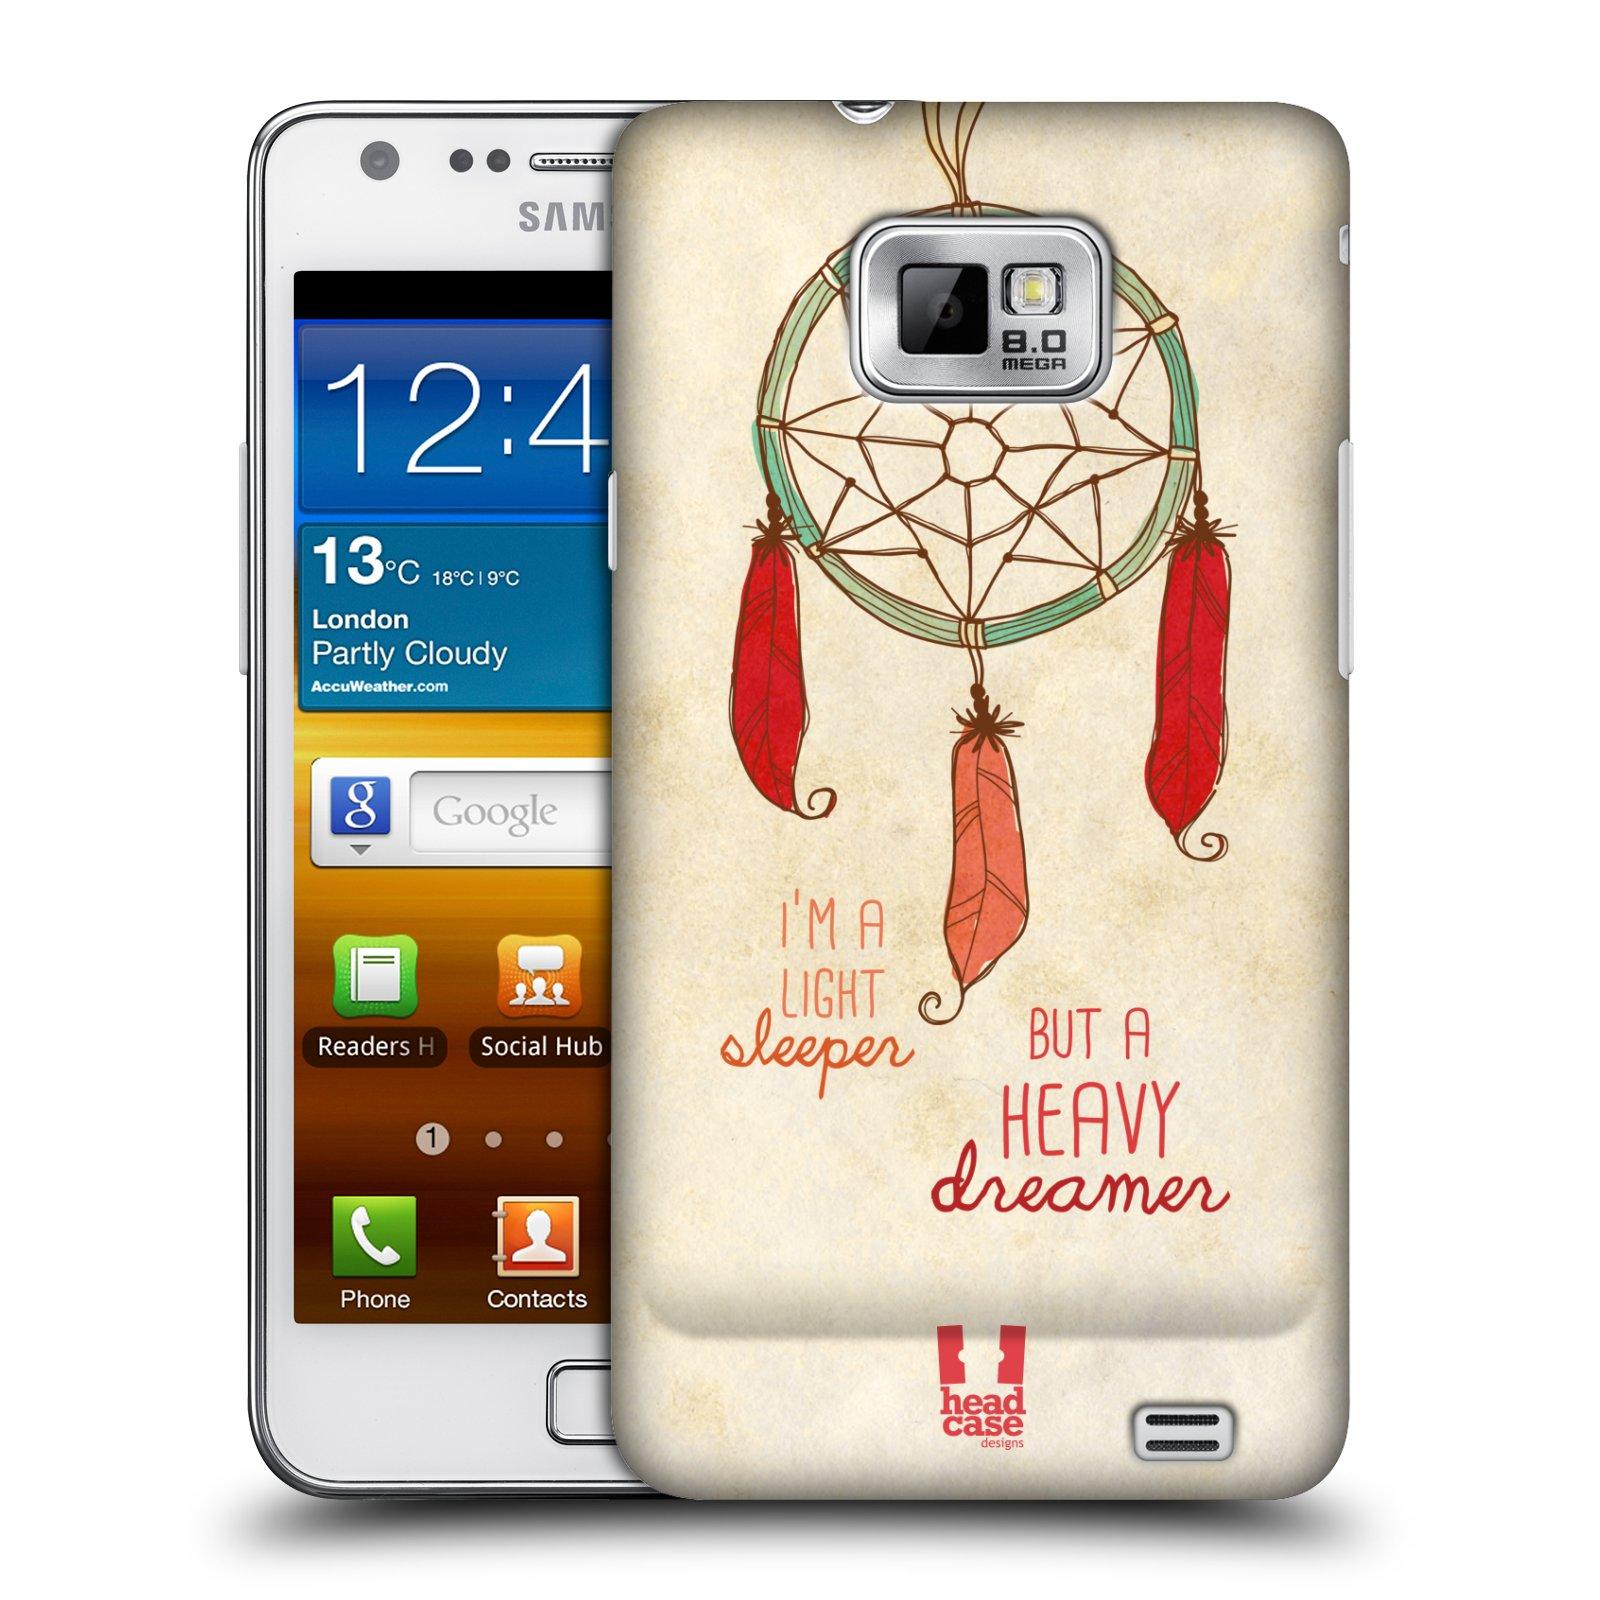 Plastové pouzdro na mobil Samsung Galaxy S II HEAD CASE LAPAČ HEAVY DREAMER (Kryt či obal na mobilní telefon Samsung Galaxy S II GT-i9100)